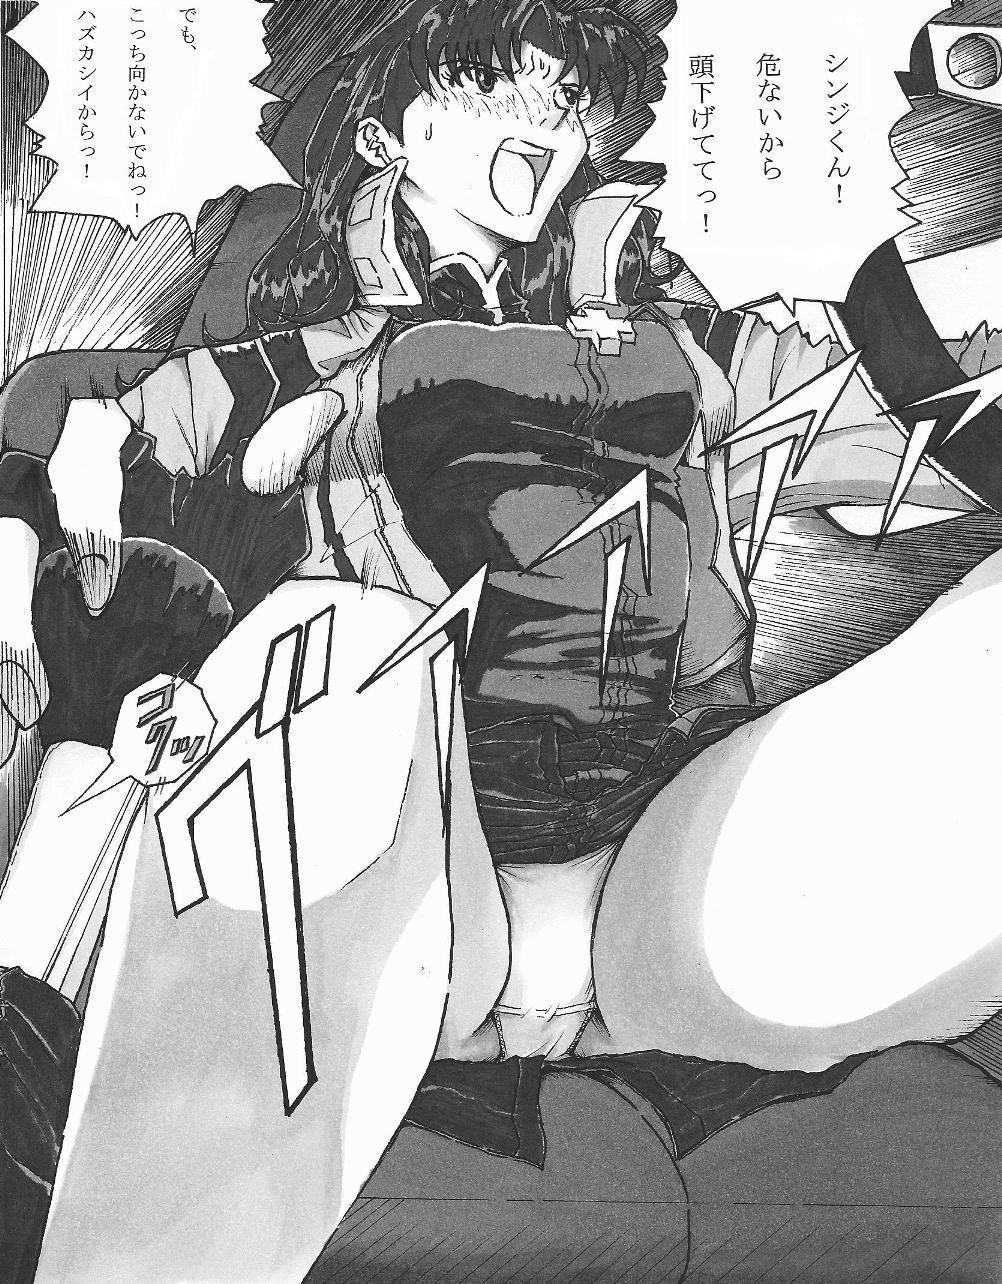 Be Avenged on Misato Katsuragi 1